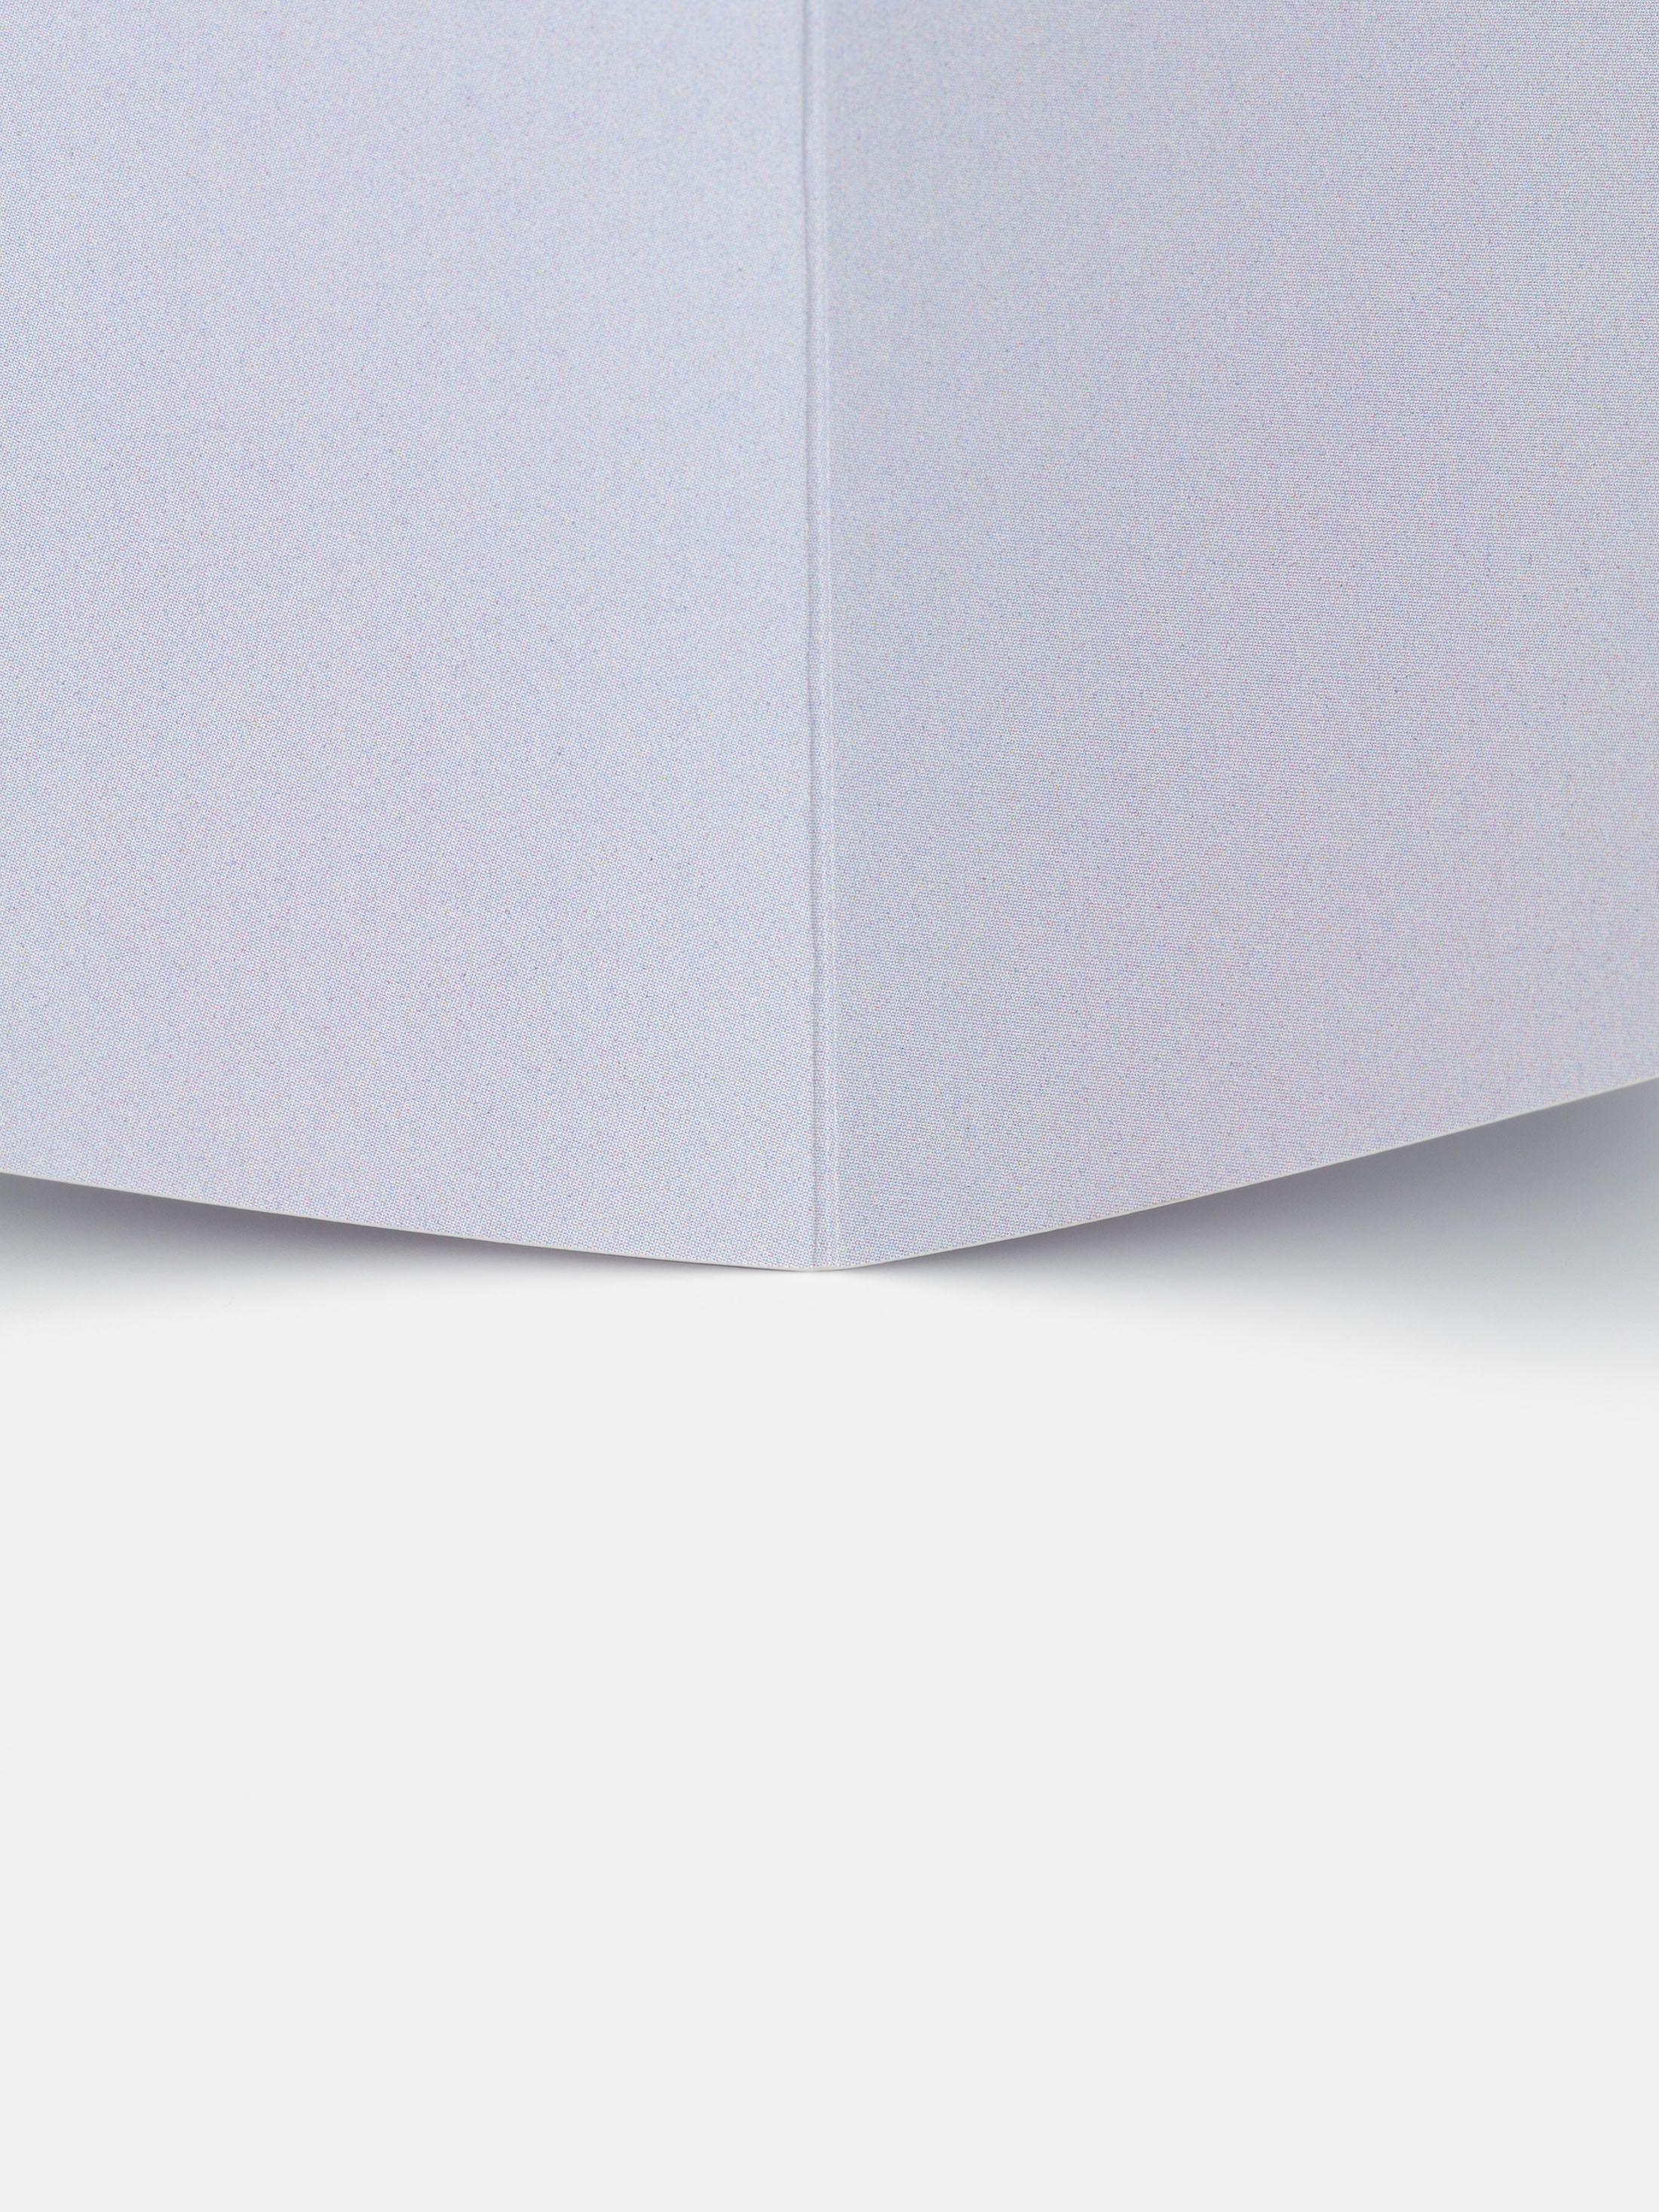 Impression sur l'étiquette carton vêtement